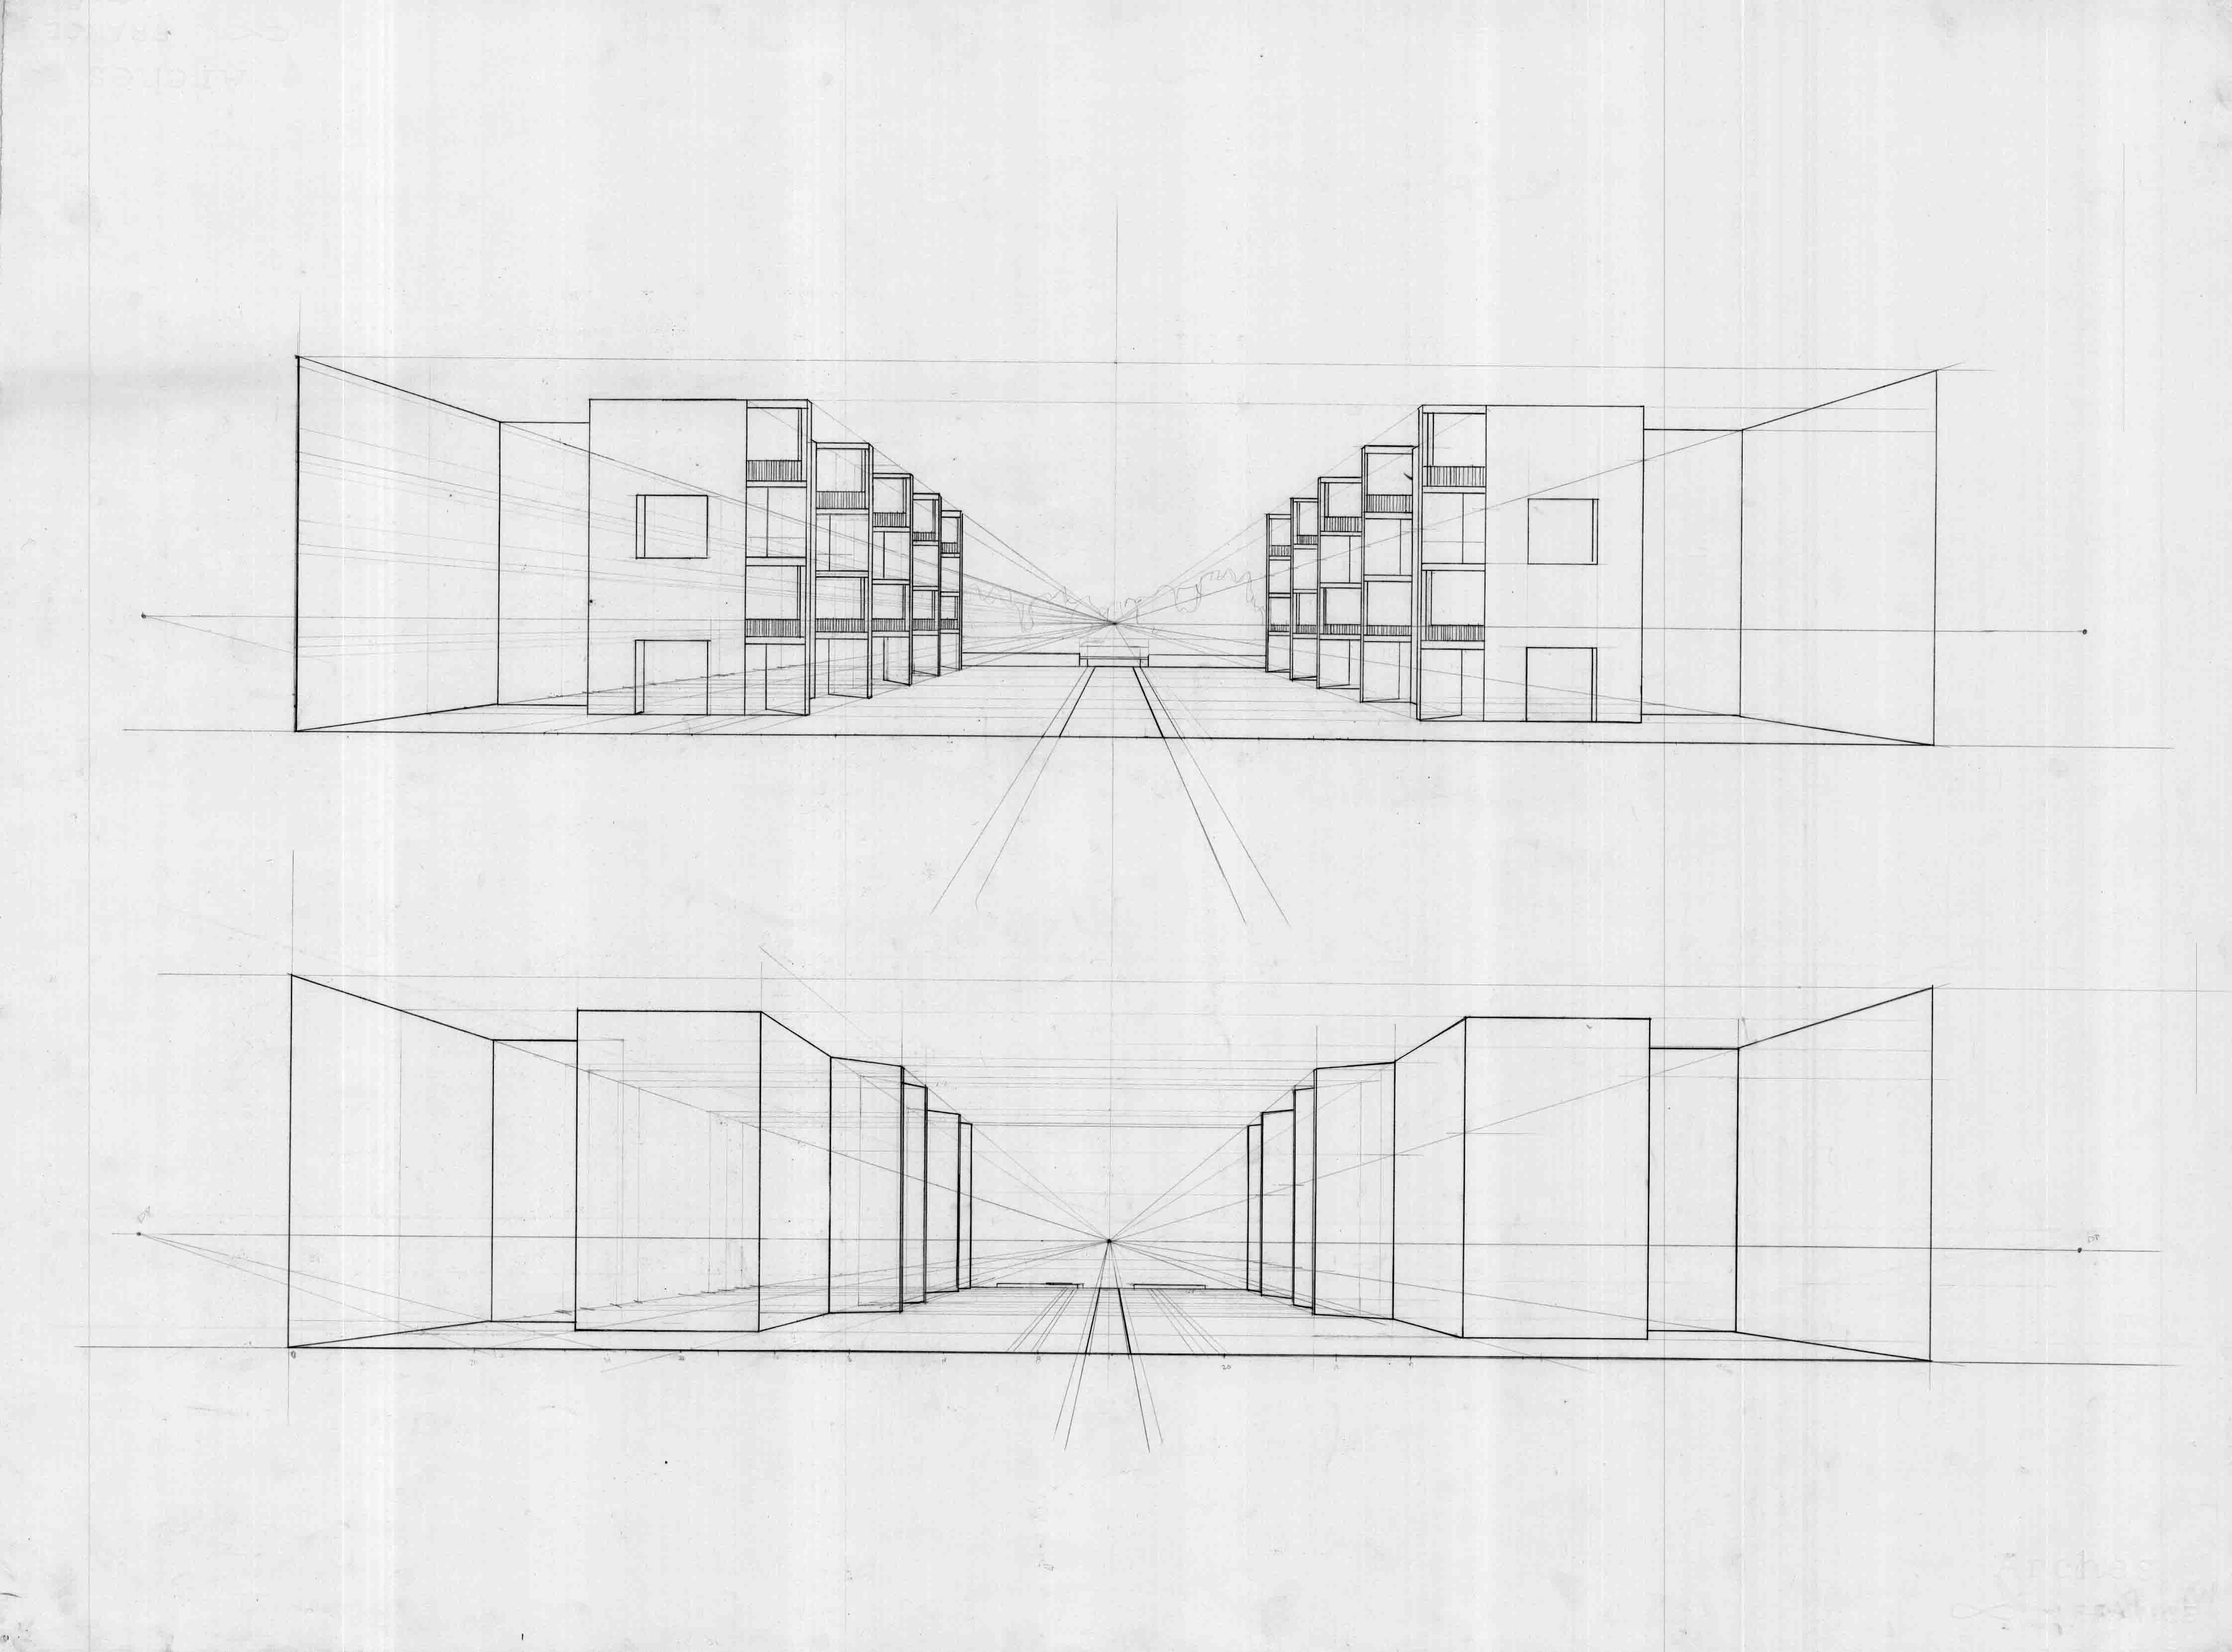 Salk Institute Architecture